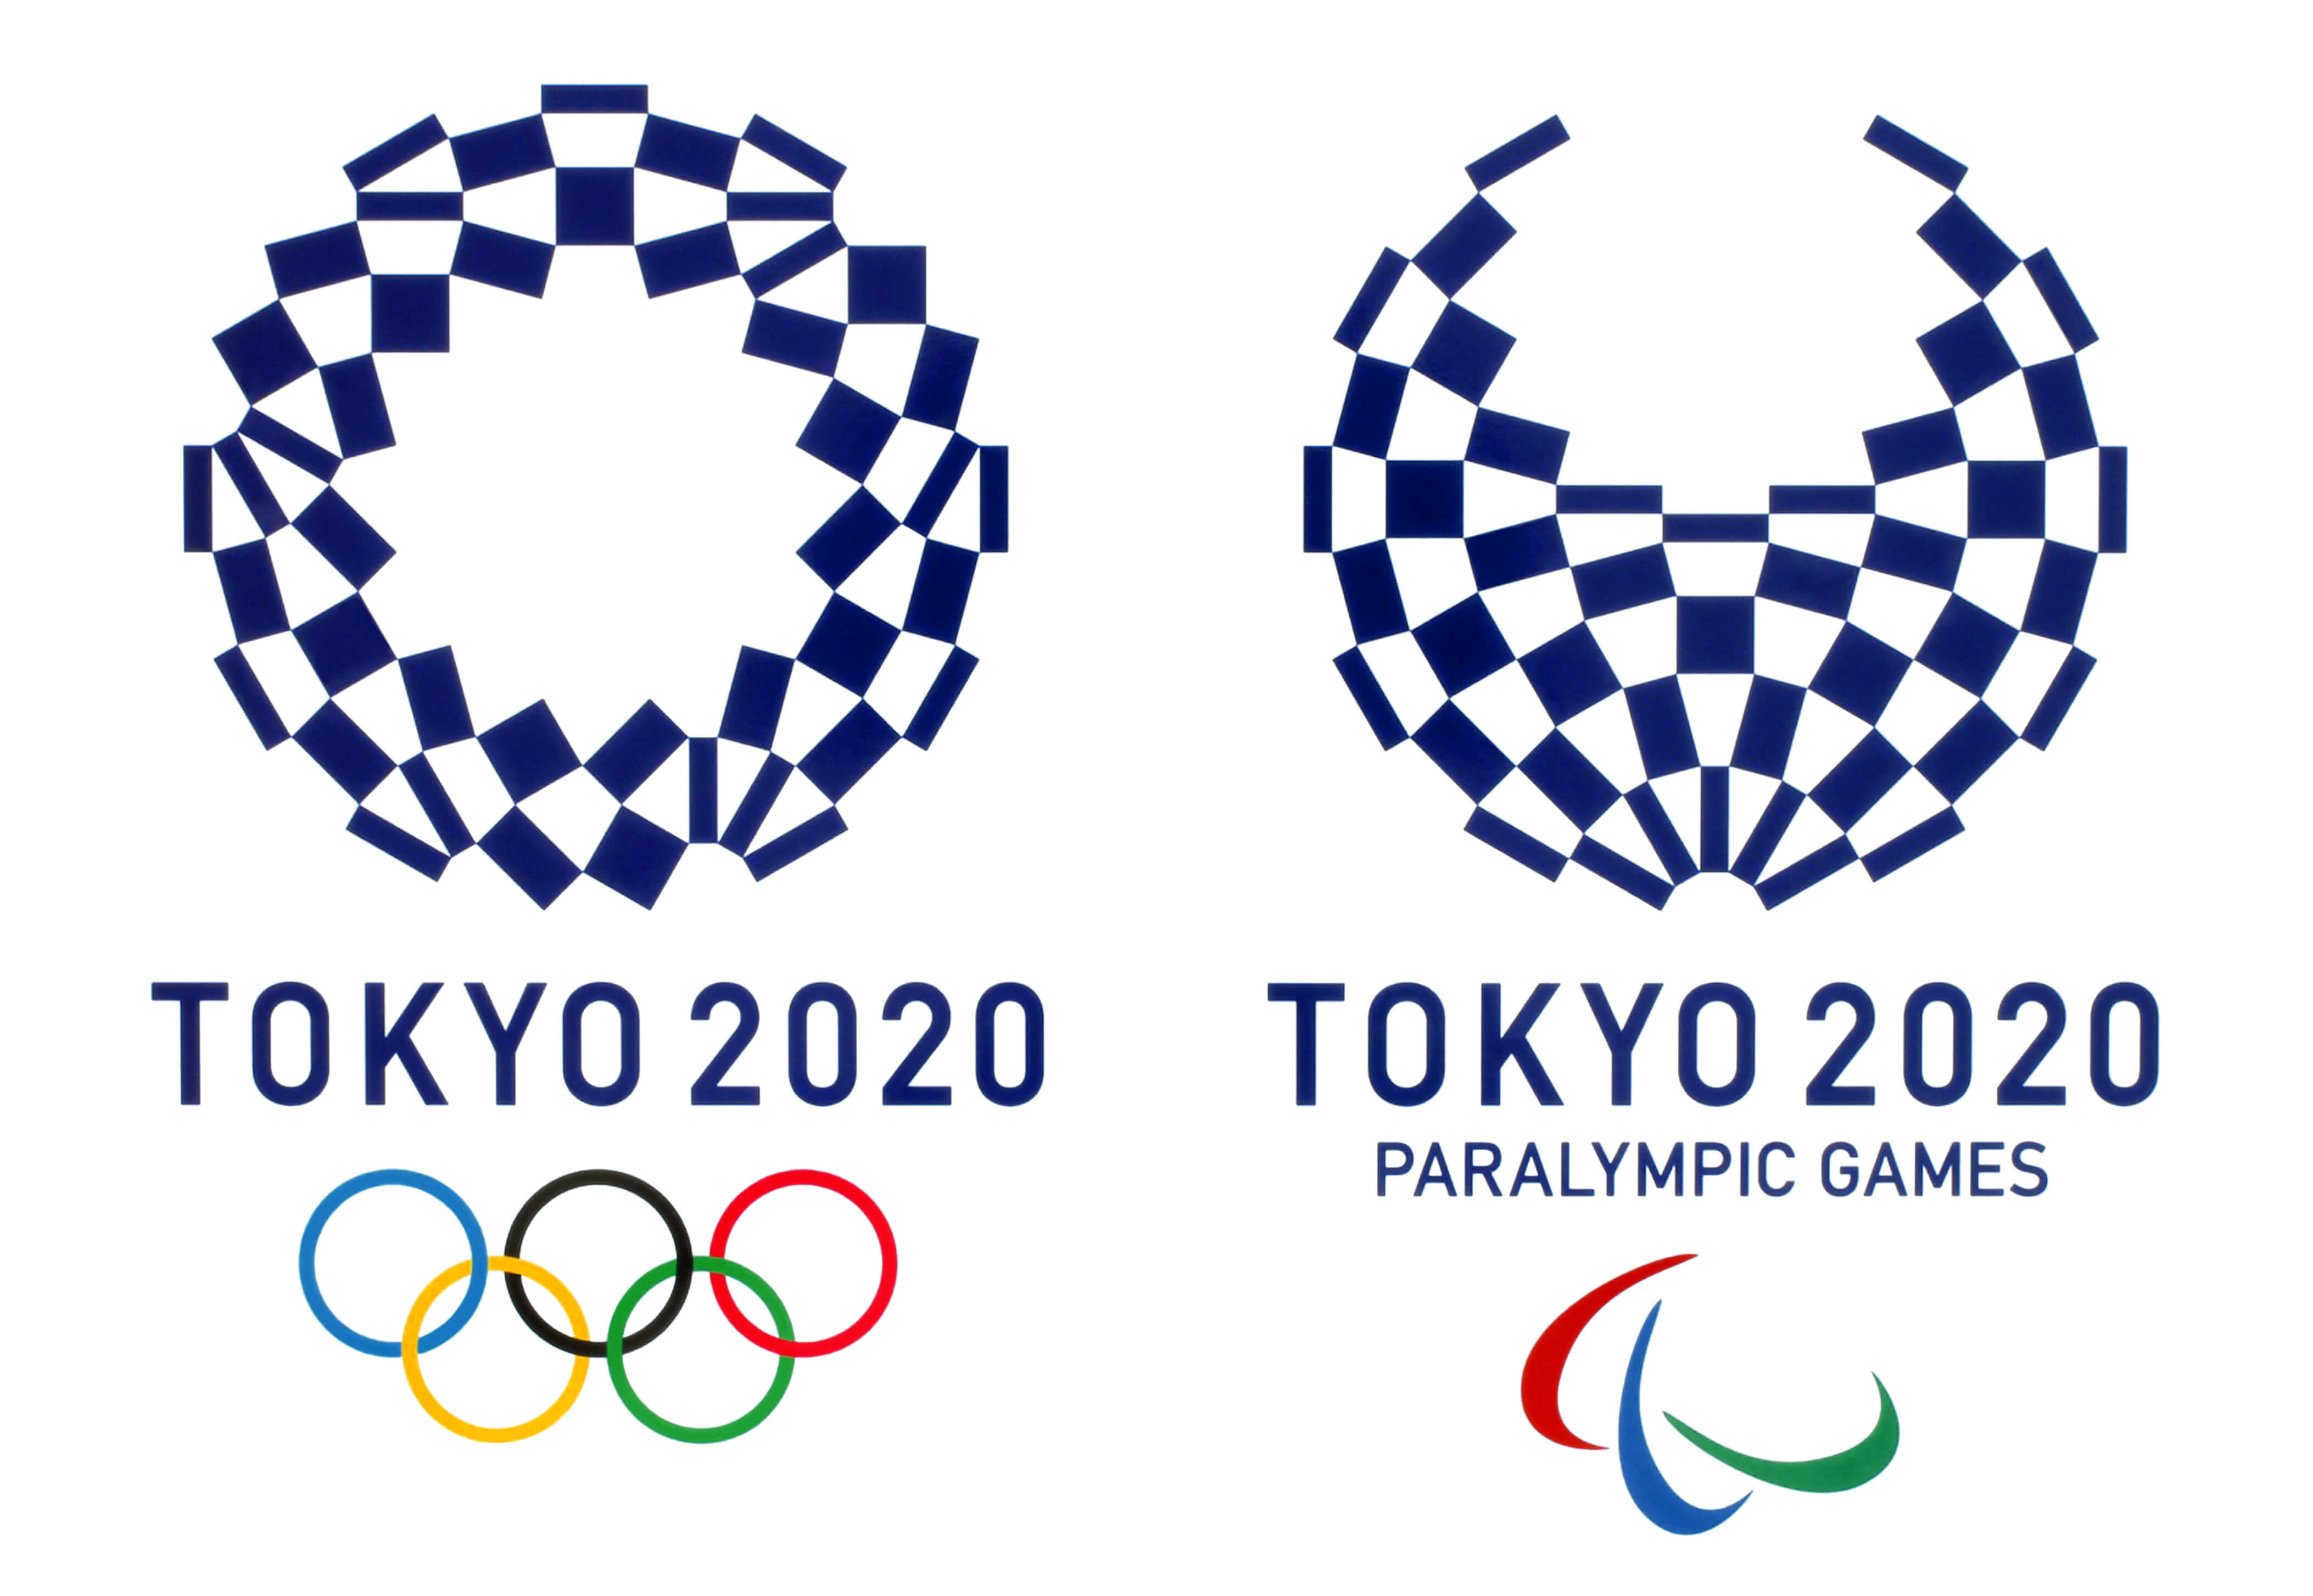 どの から のか 知る が な 大会 こと について スポーツ できる 外国 事柄 の 国際 よう の